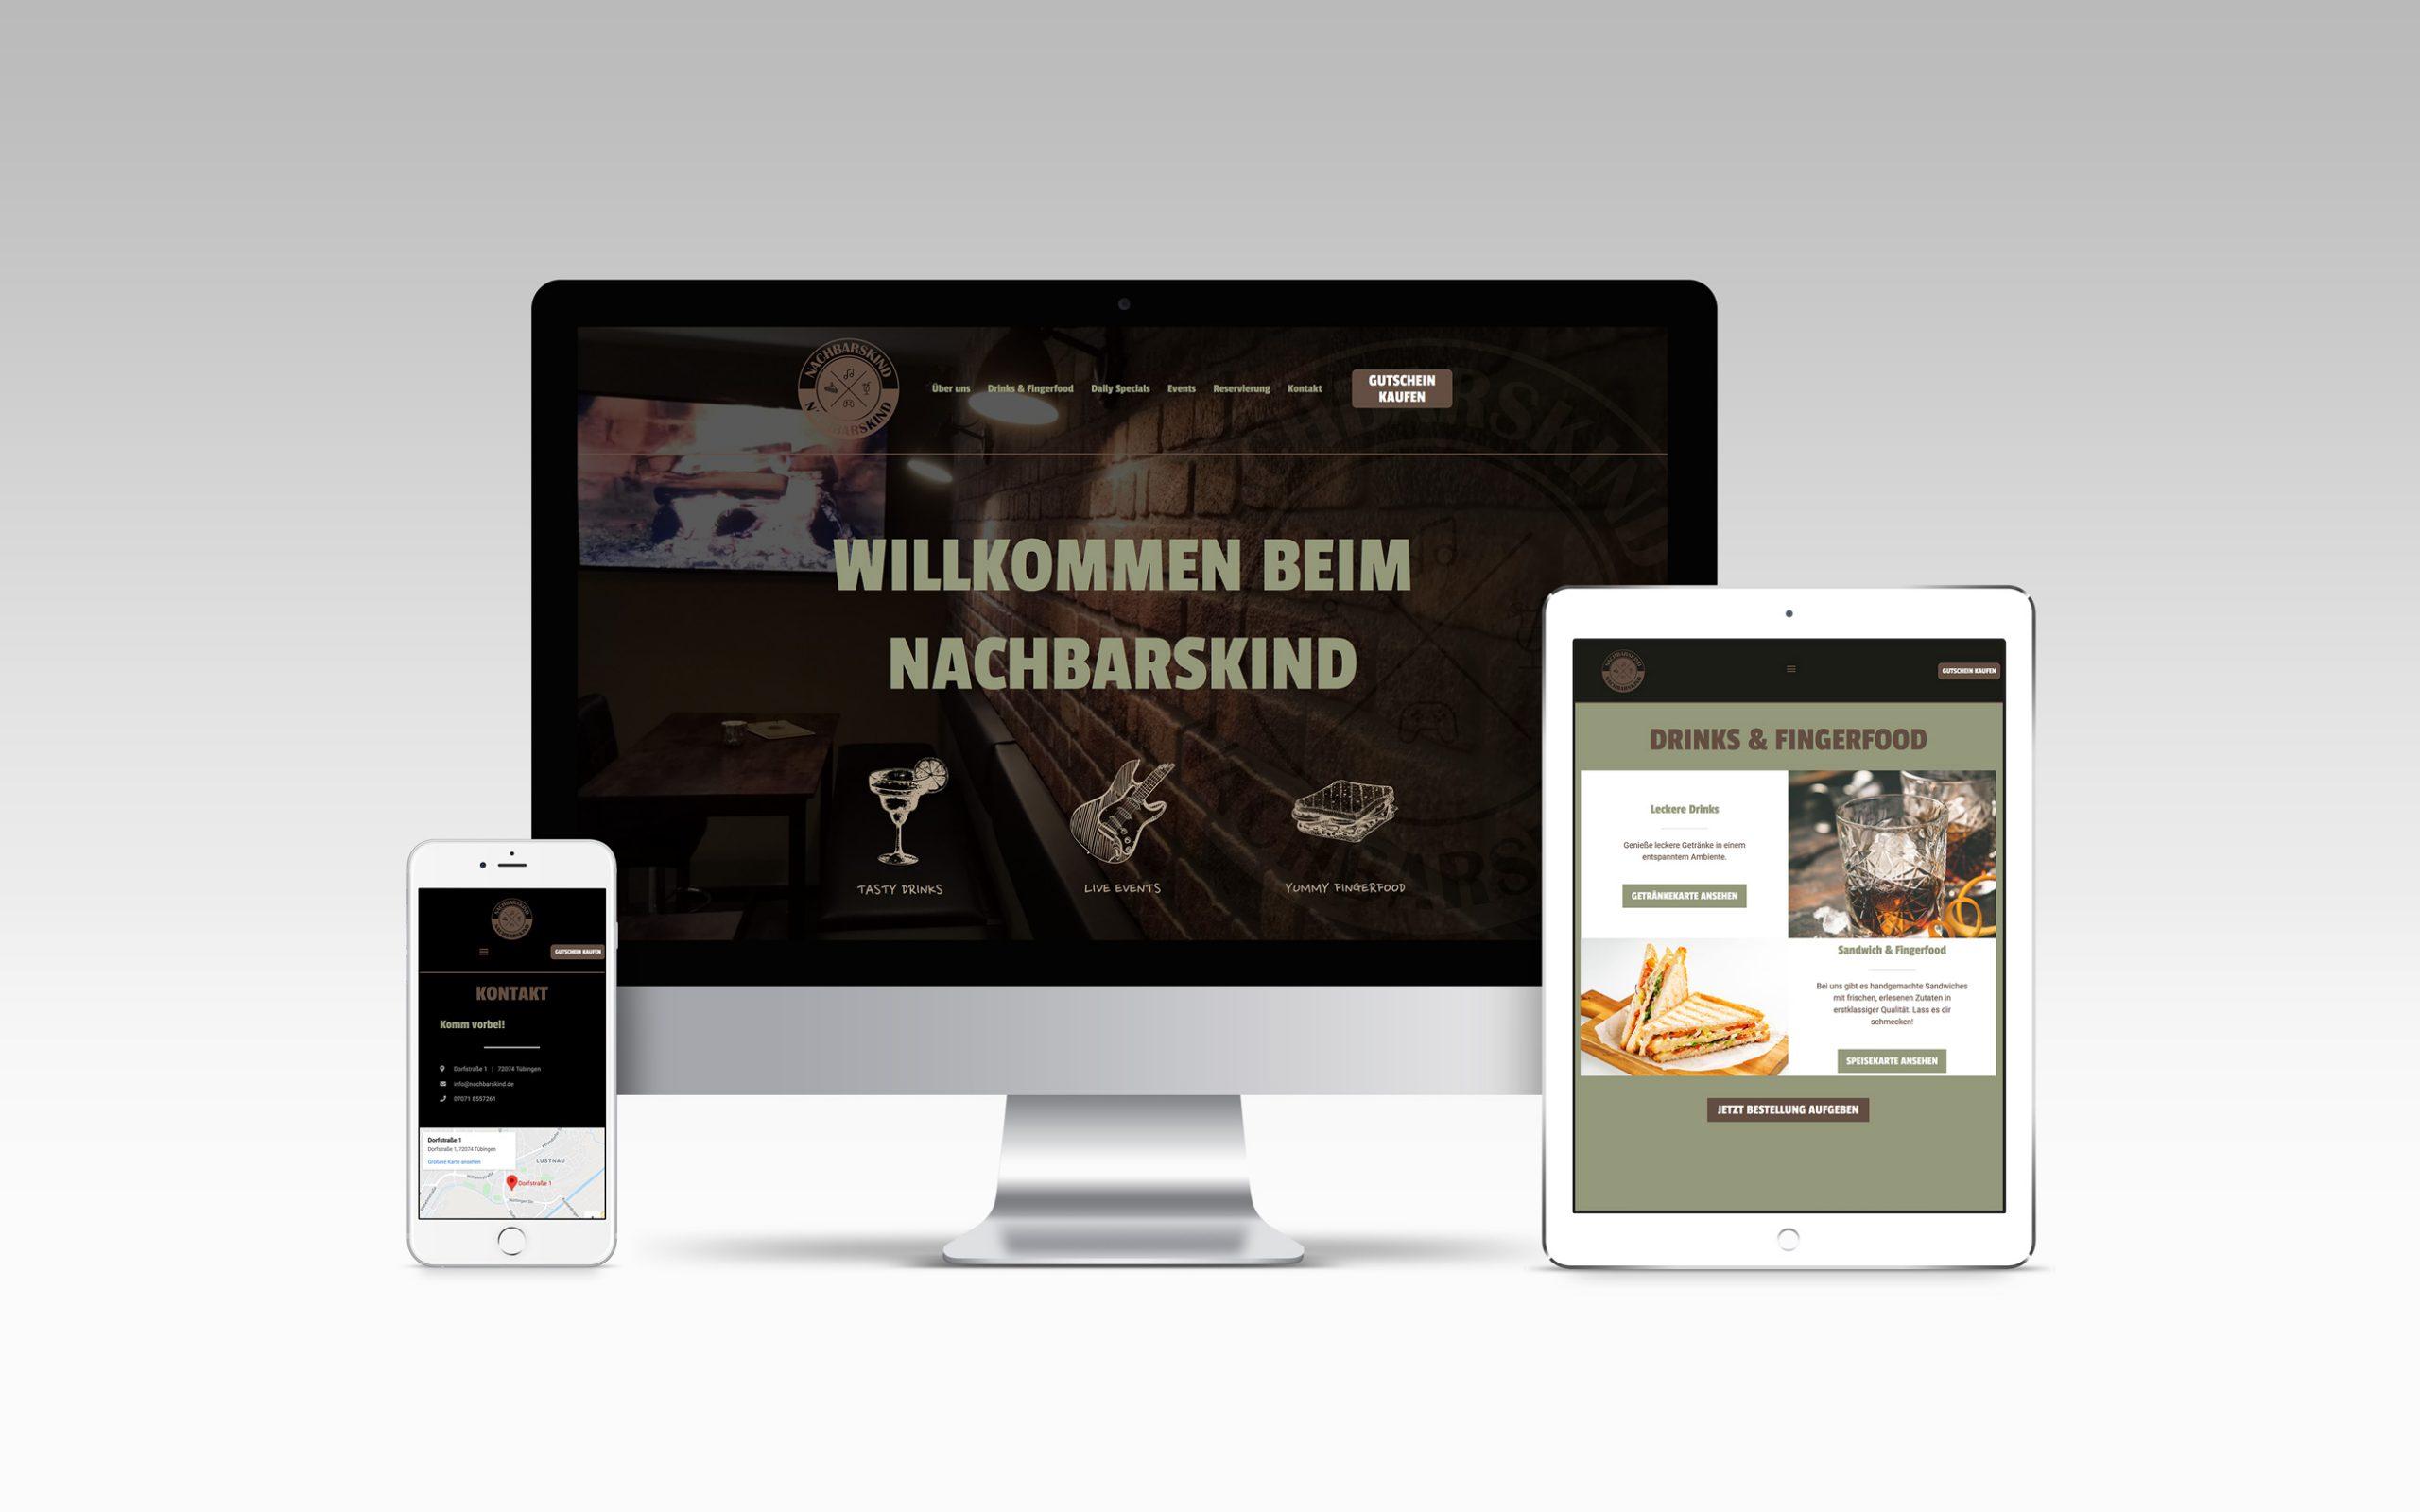 Nachbarskind Webseite